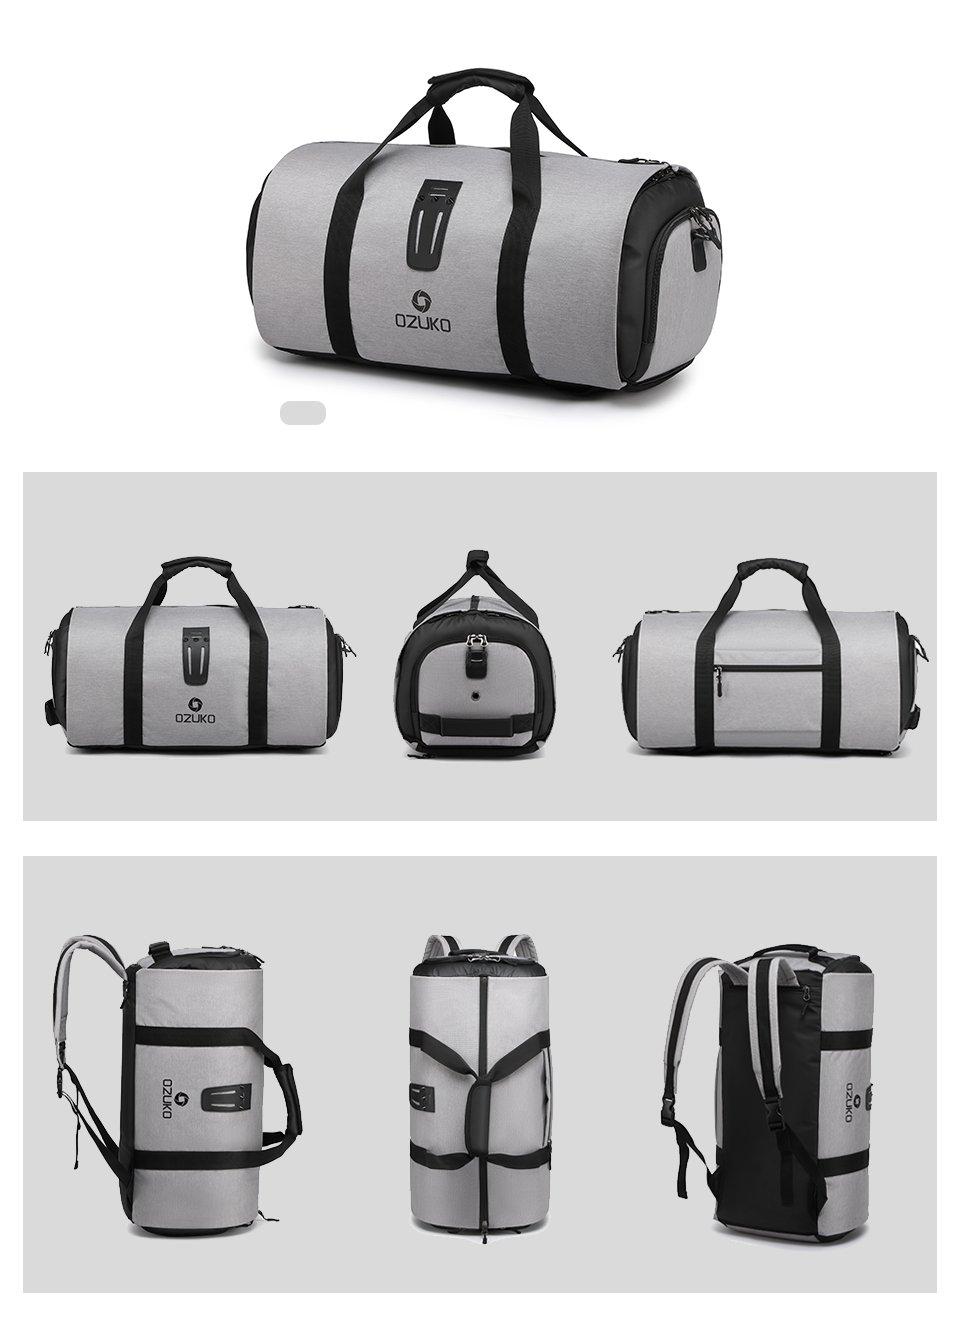 Mens travel bag carry options